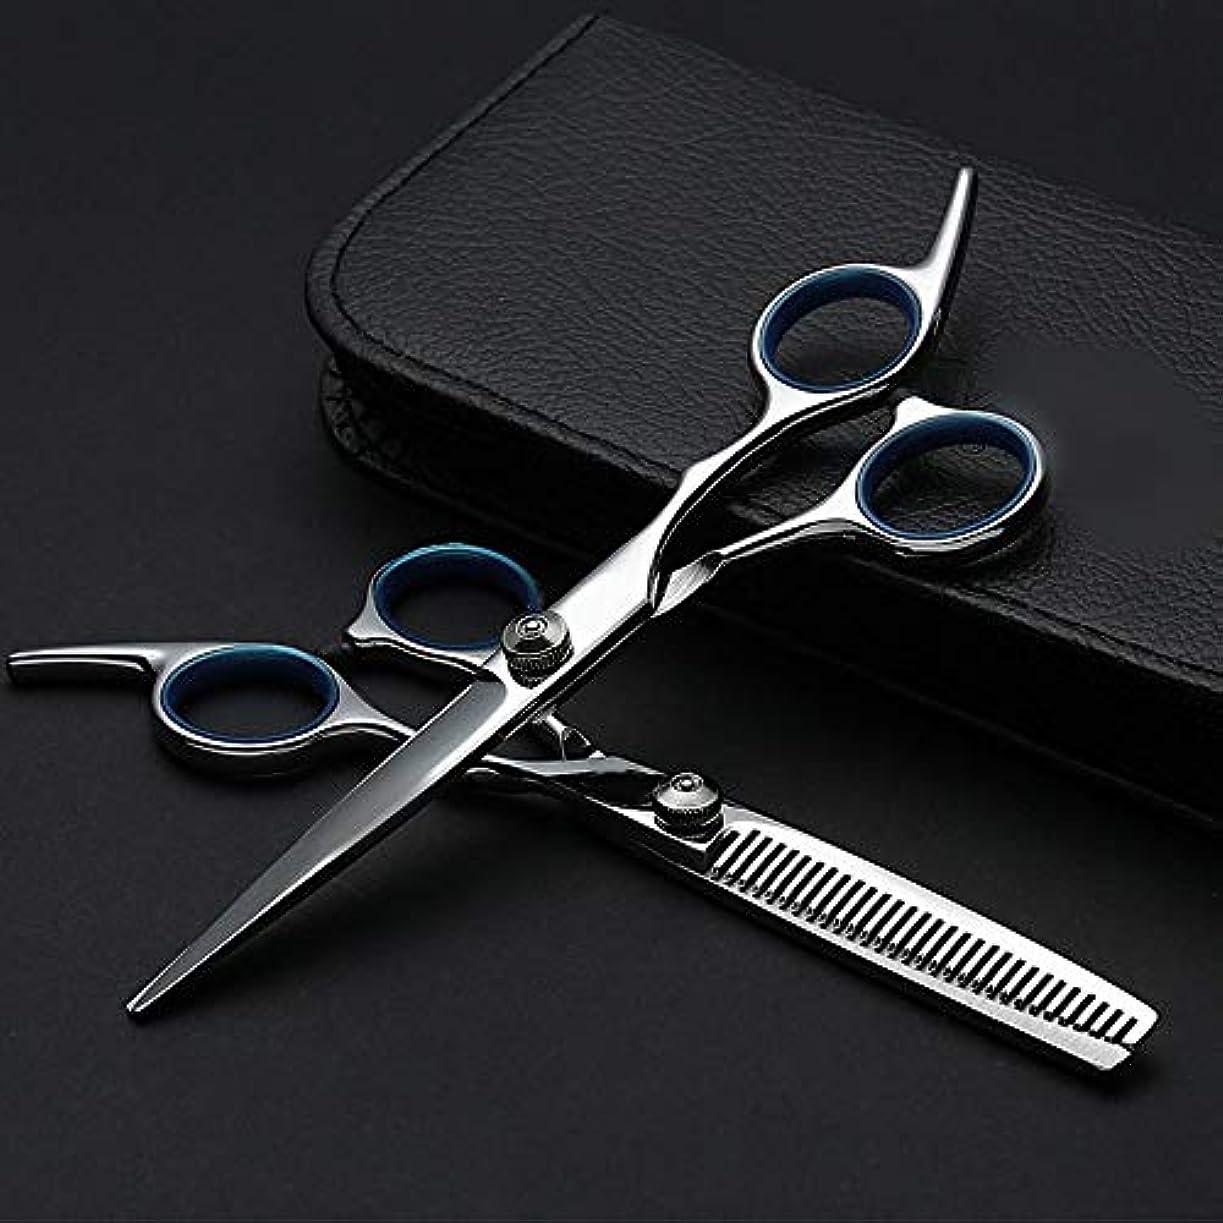 確認正しい後退するGoodsok-jp 6インチのプロの理髪セット、歯はさみフラットシザーセット (色 : Silver)